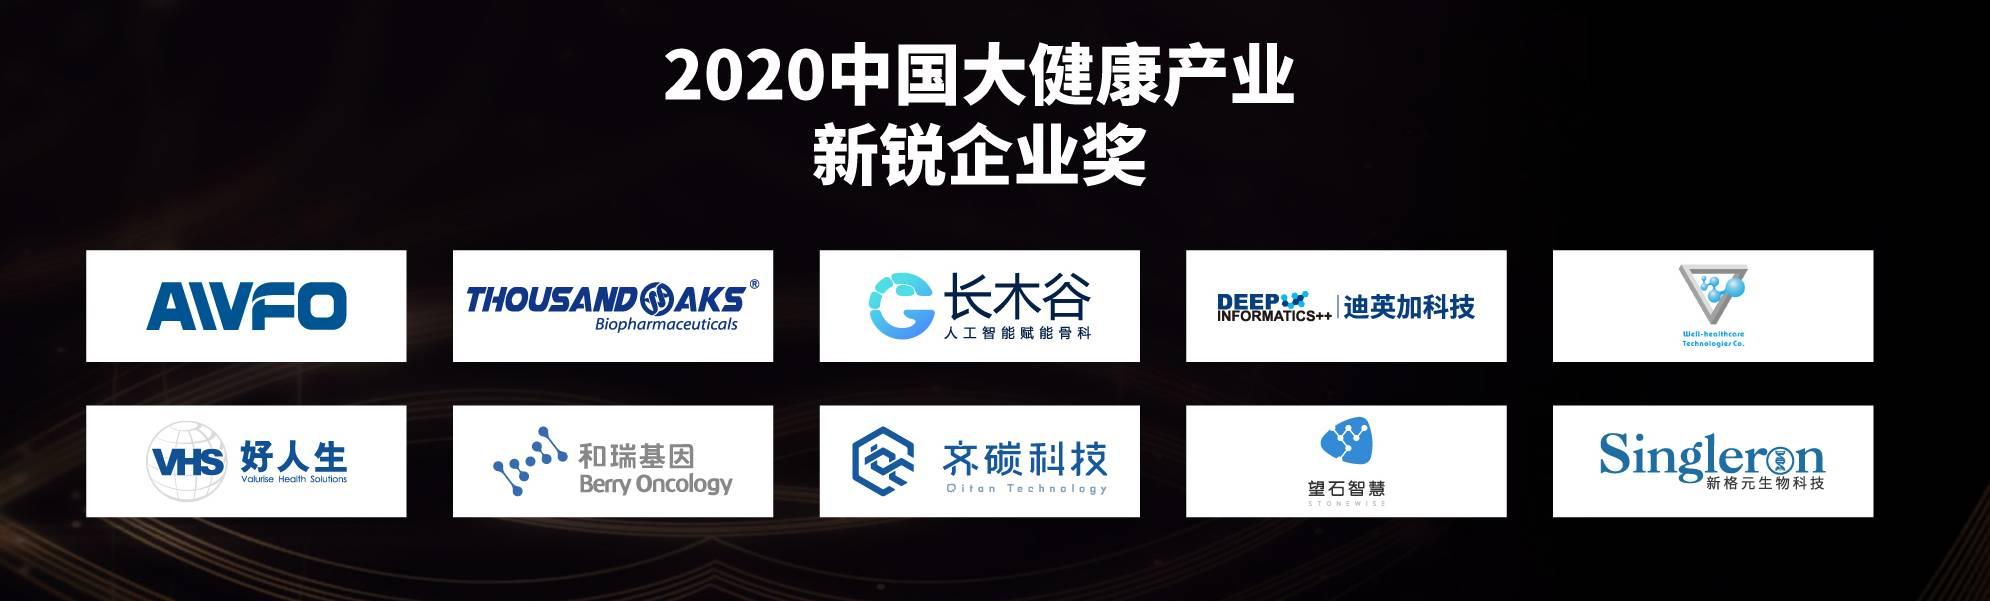 2020中国大健康产业新锐企业奖.jpg